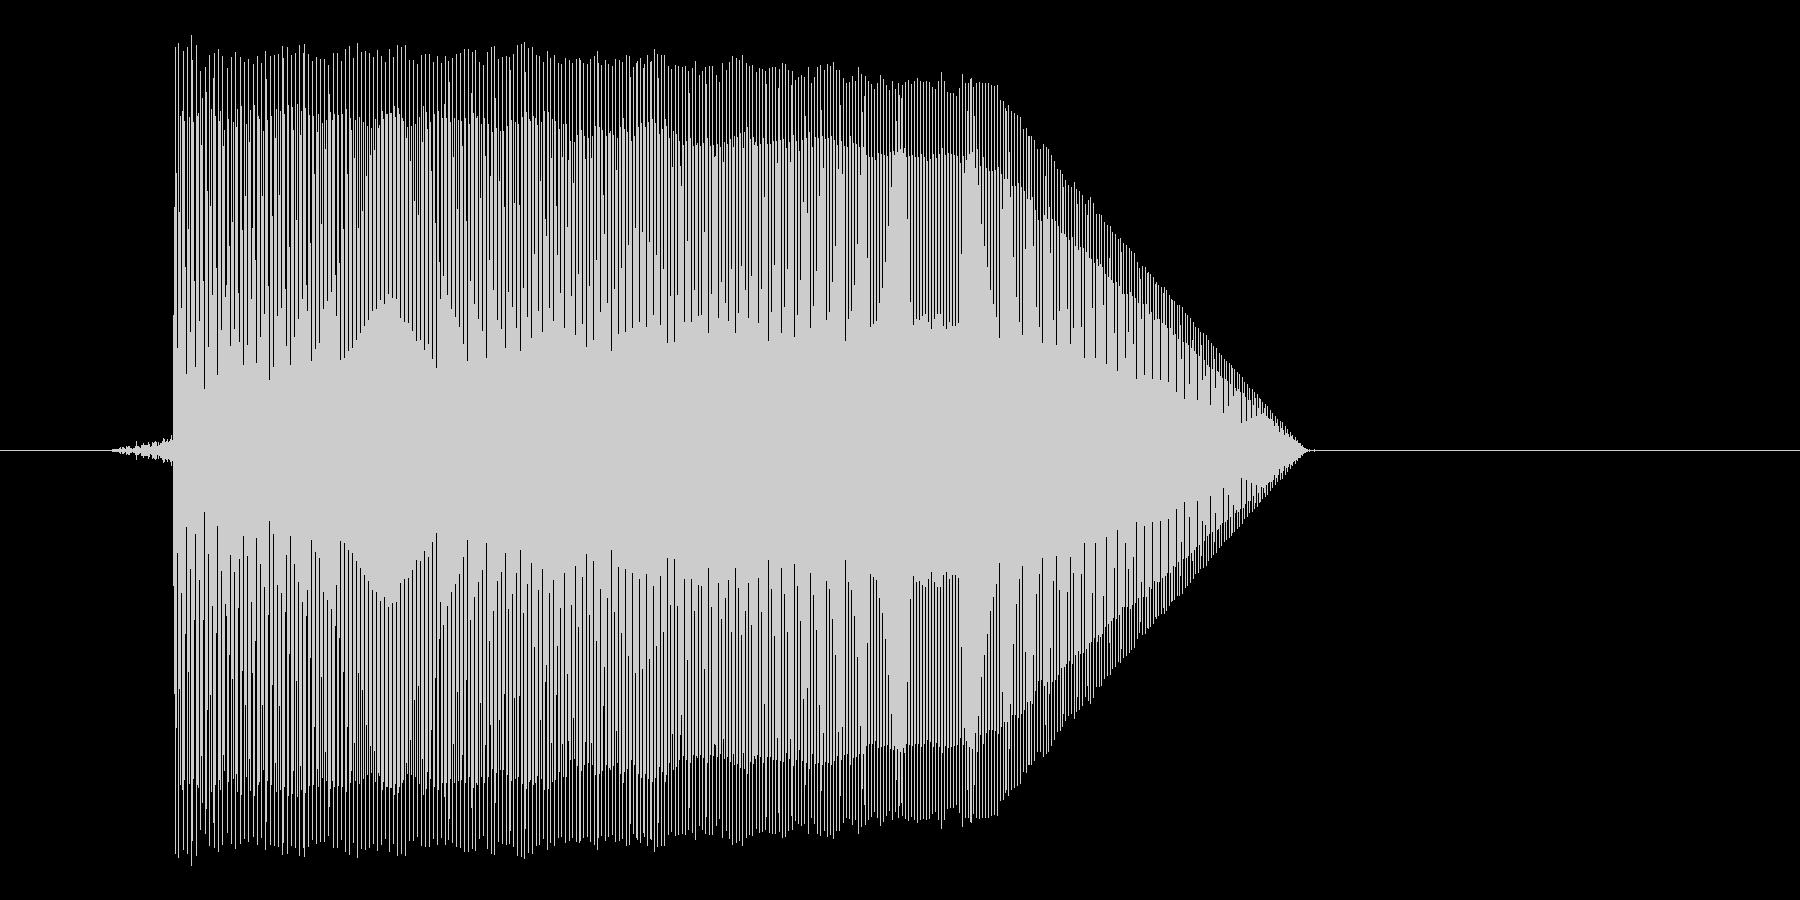 ゲーム(ファミコン風)ジャンプ音_040の未再生の波形